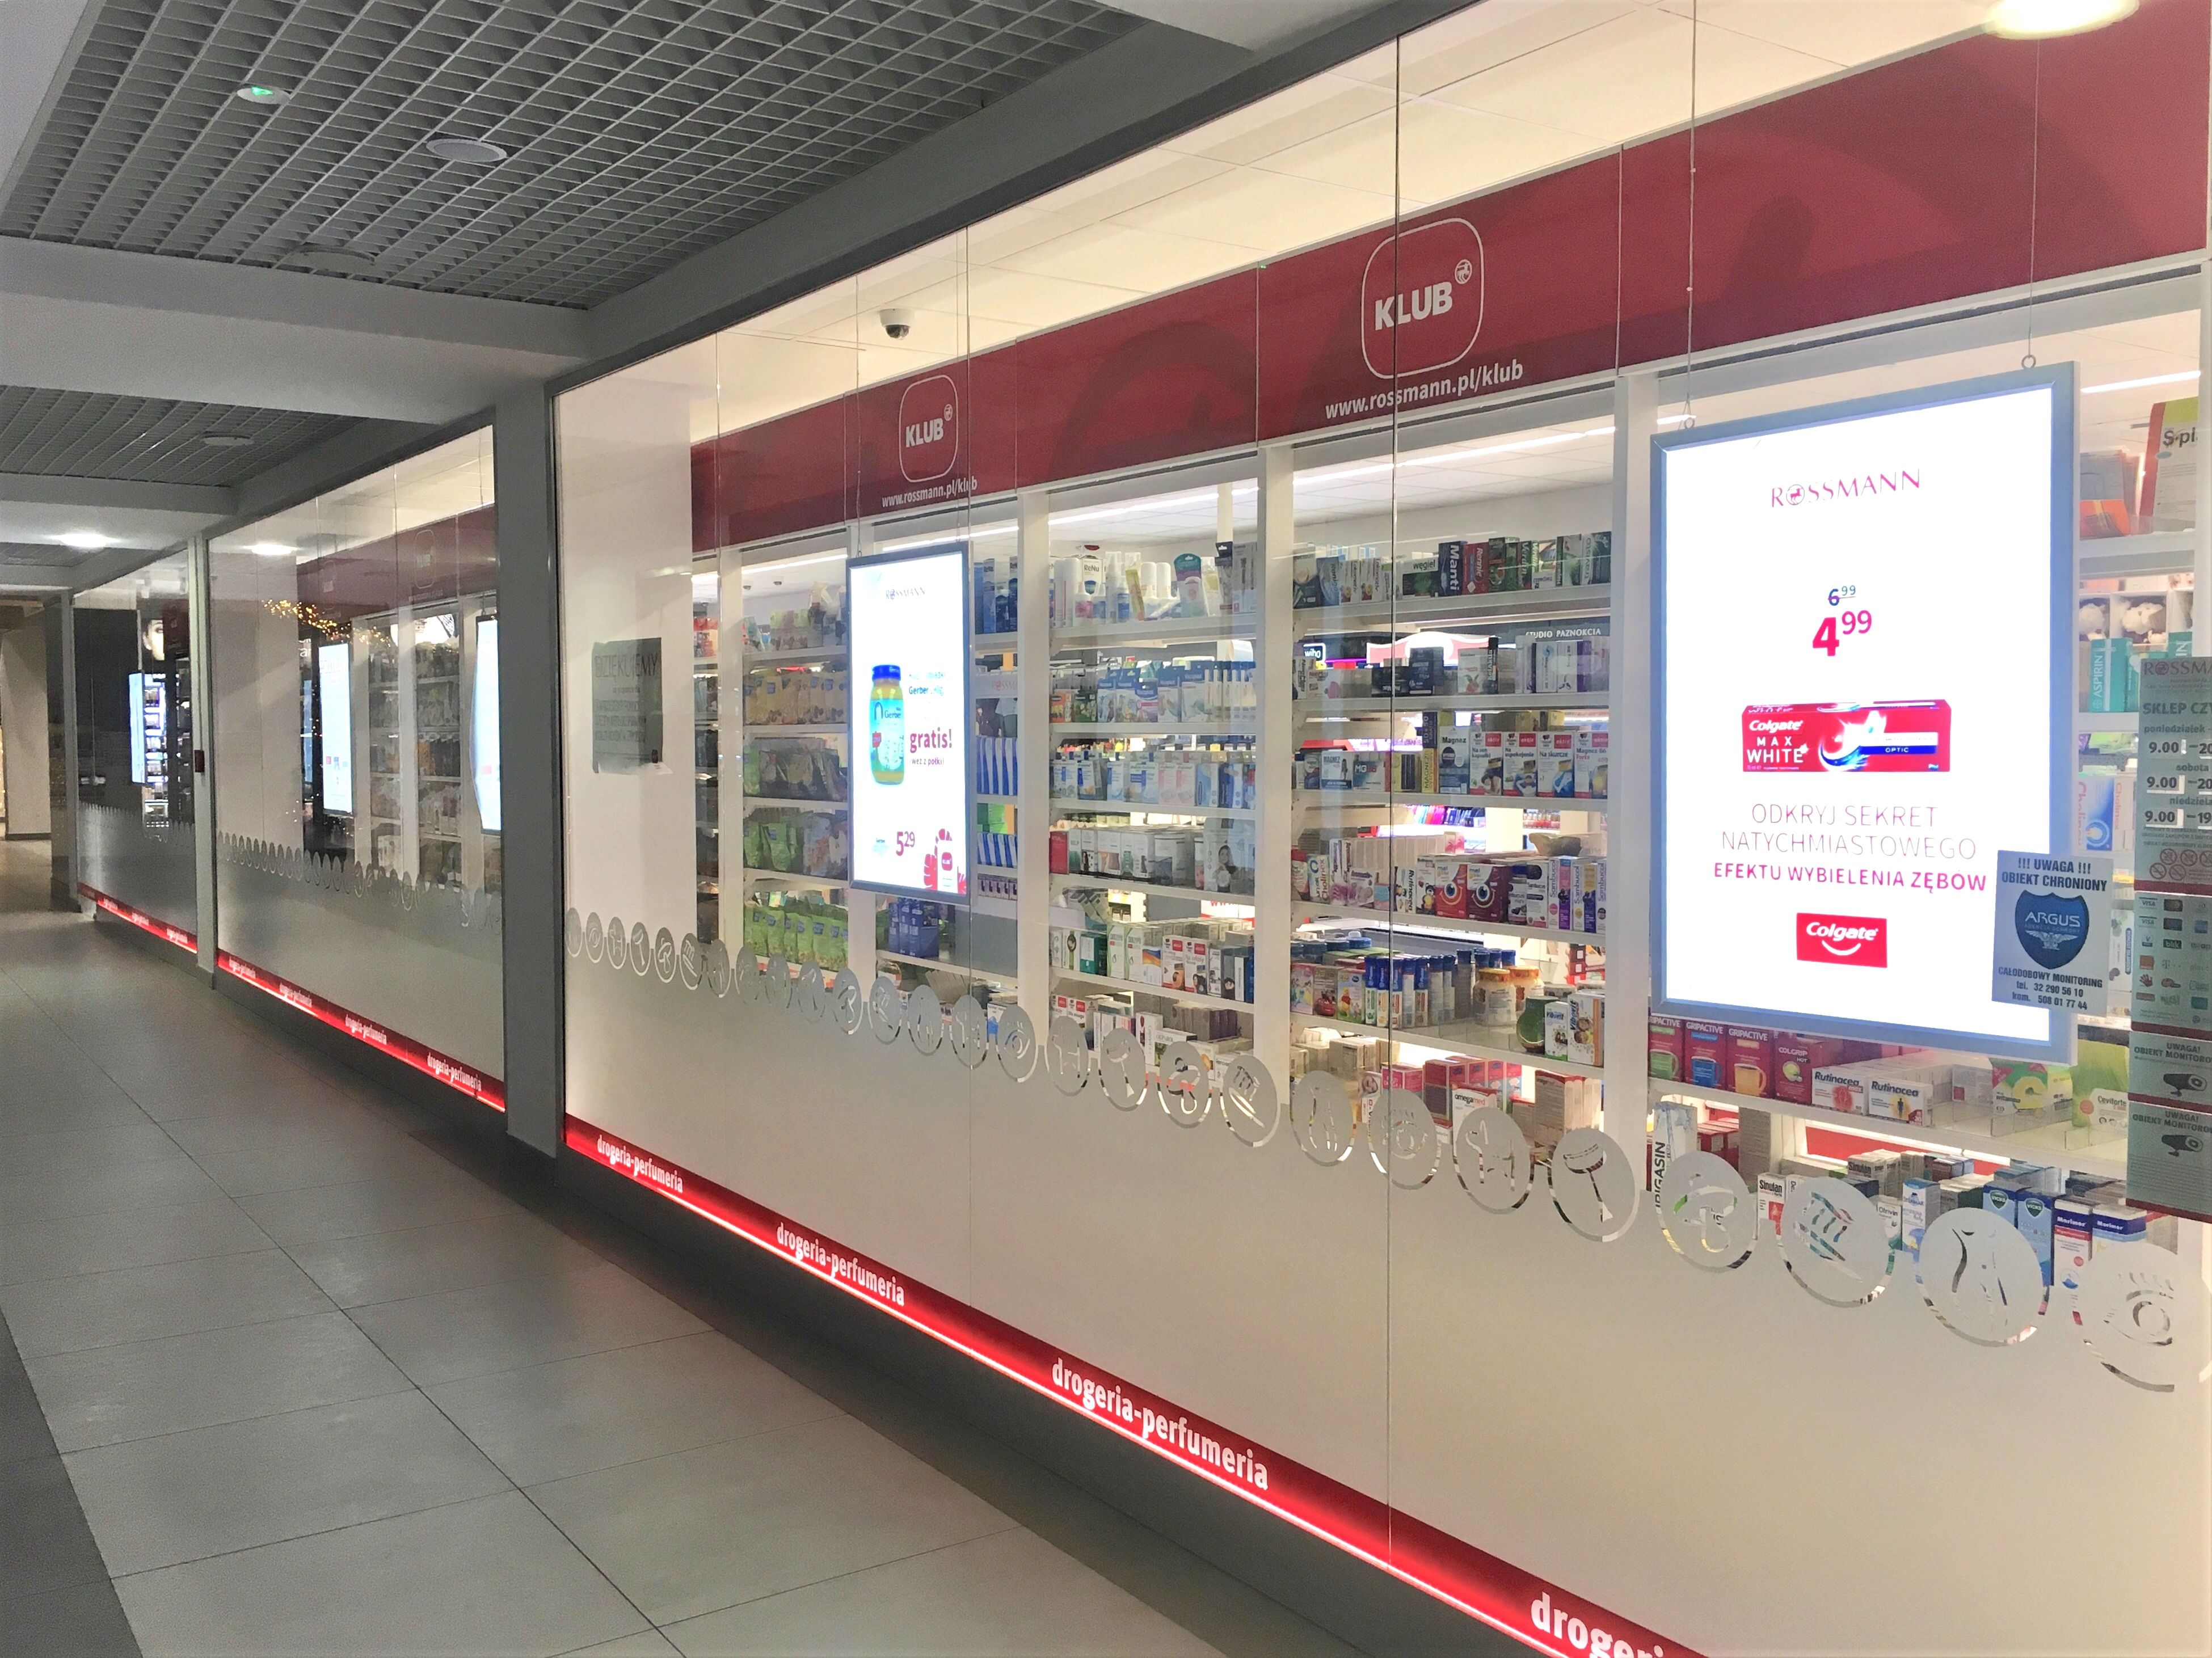 sklep internetowy rossmann umożliwia zakupy